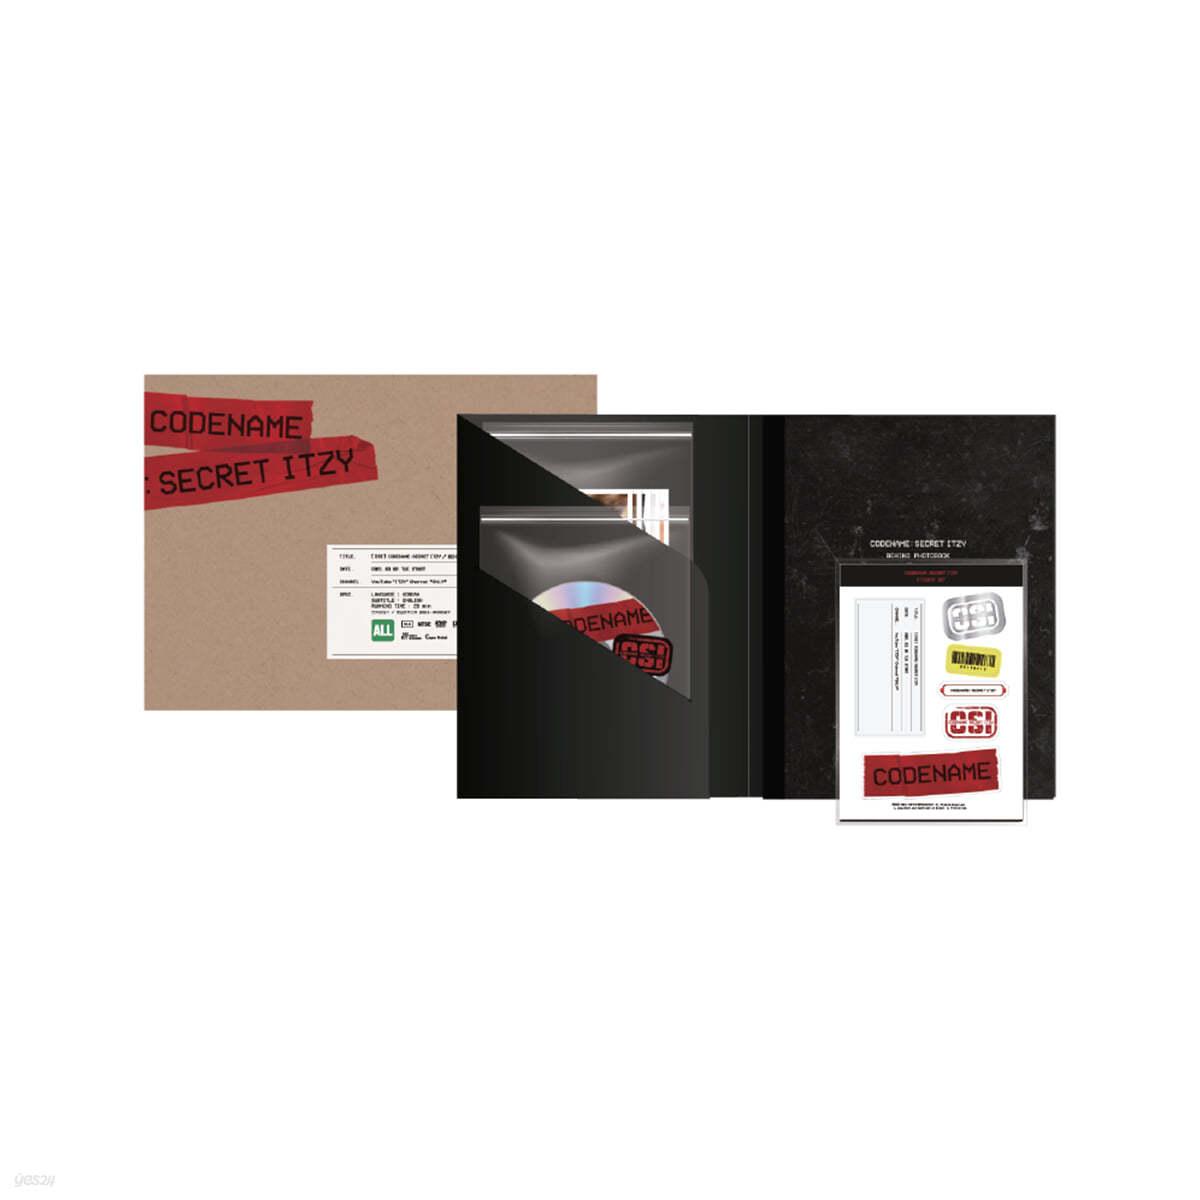 있지 (ITZY) - CODENAME : SECRET ITZY 비하인드 DVD 포토북 패키지